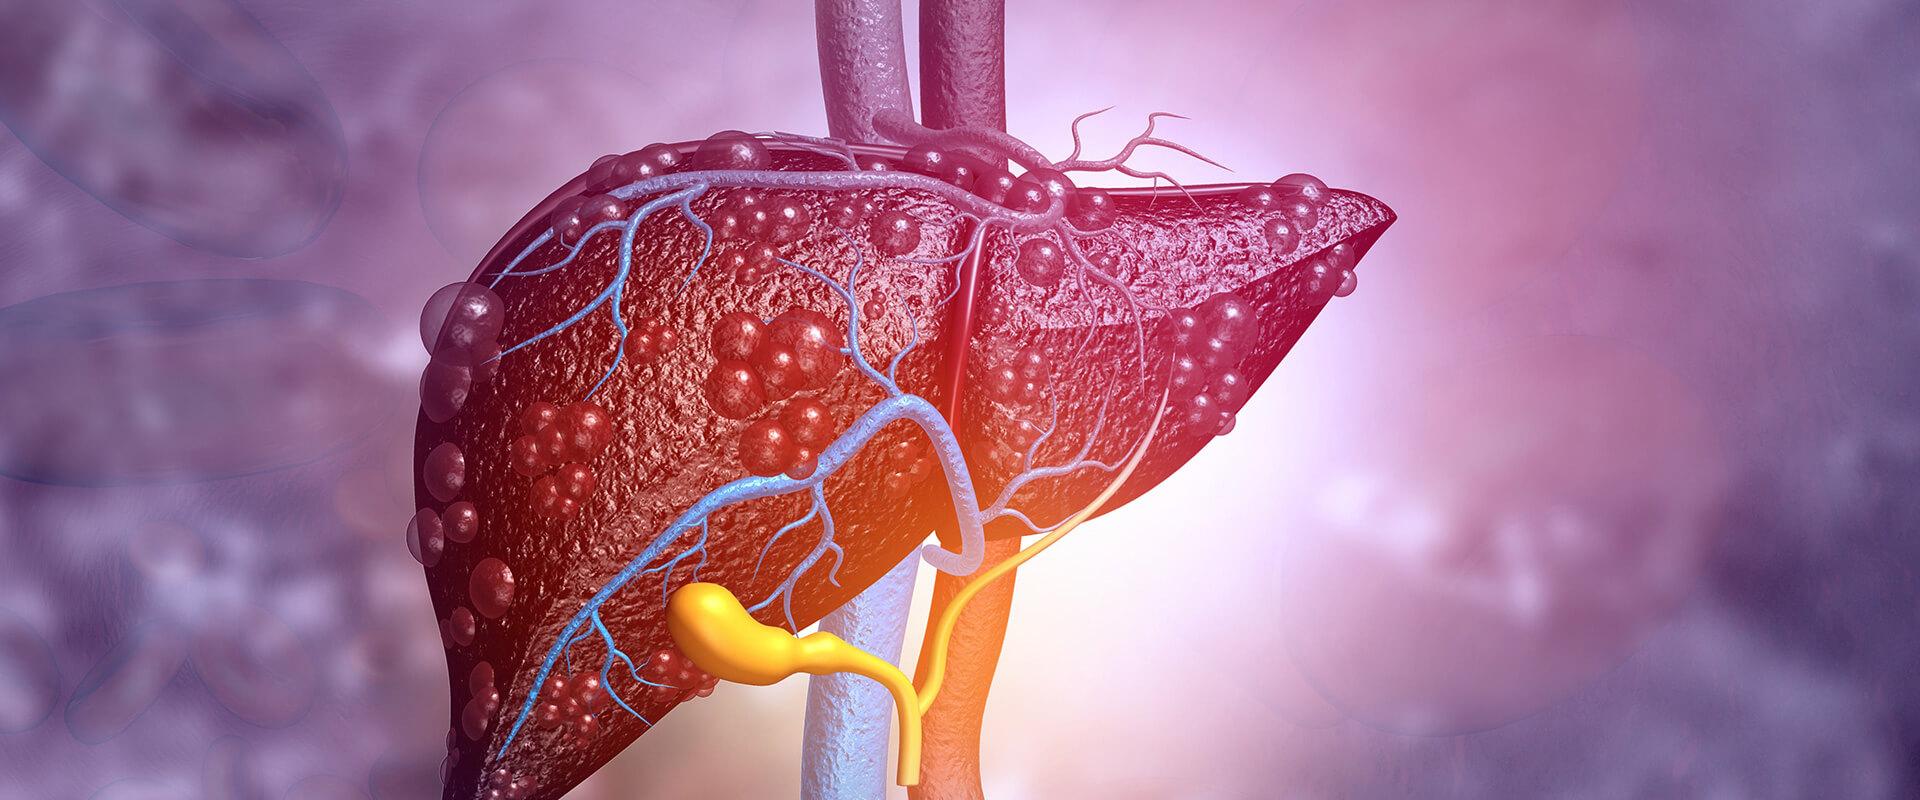 Câncer de fígado e vias biliares - Dr. Valter Alvarenga